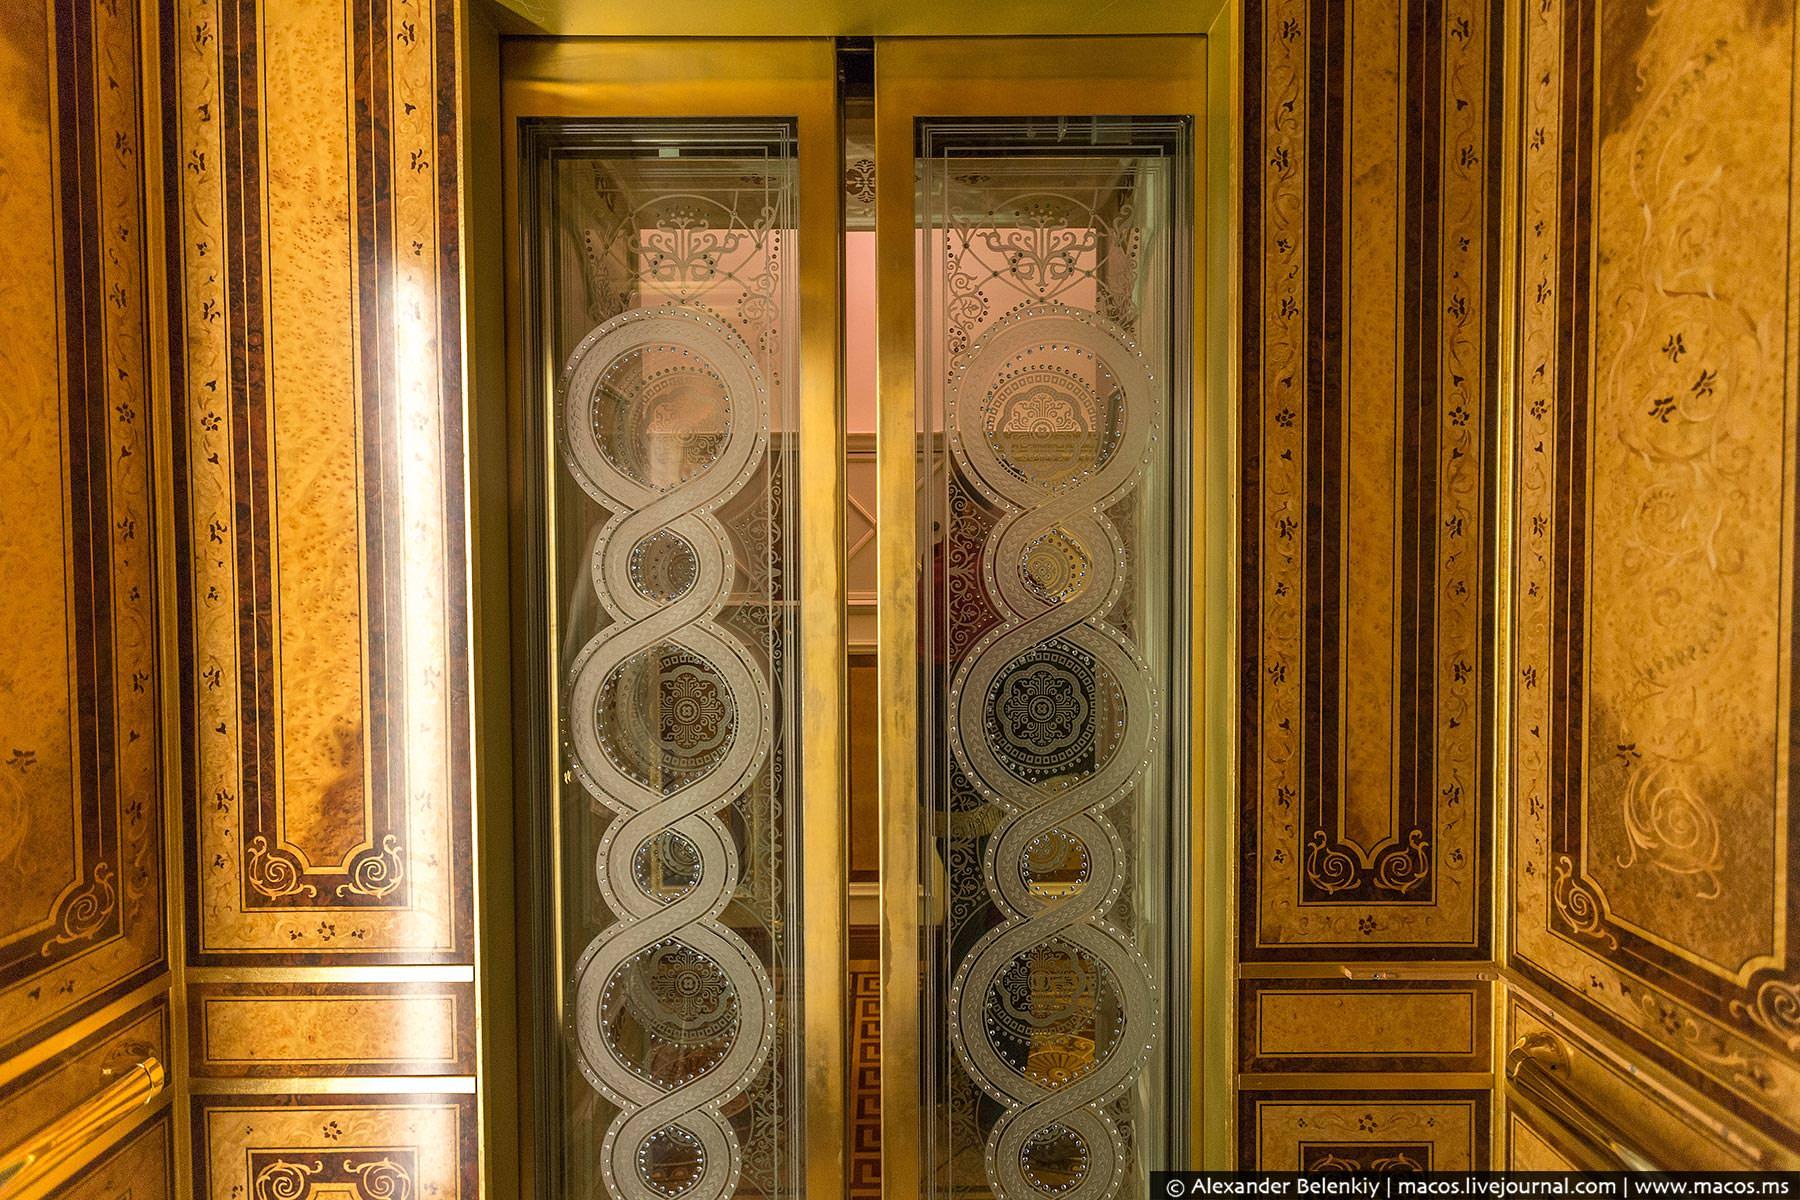 http://www.pravda-tv.ru/wp-content/uploads/2014/11/LR2014.10-UA-Residence-26.jpg